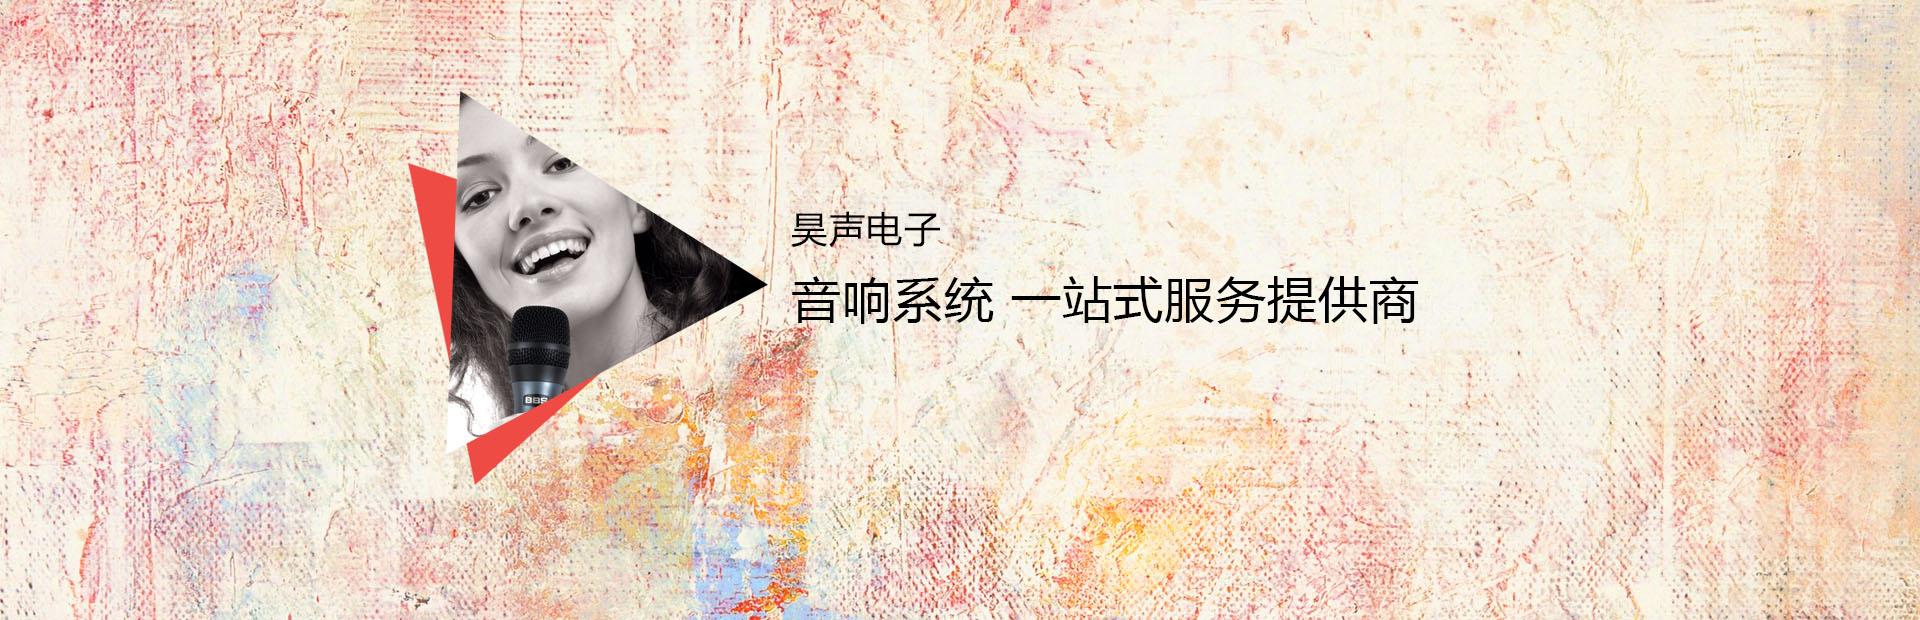 北京火狐体育APP下载电子科技有限公司解决方案